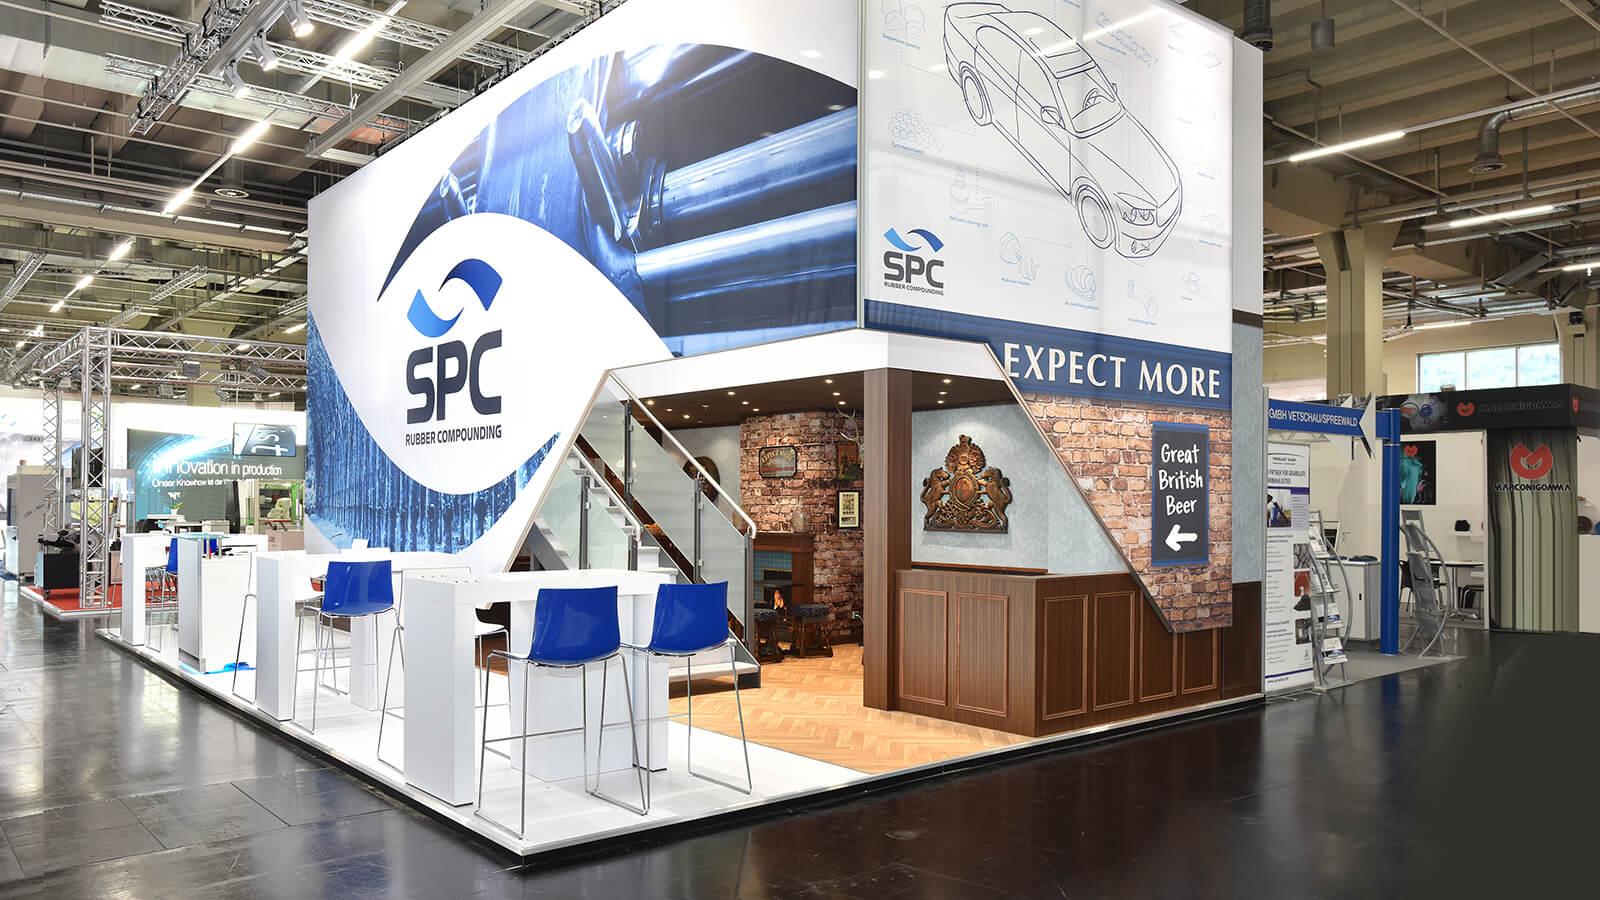 SPC UK<br>84 m²<br>DKT